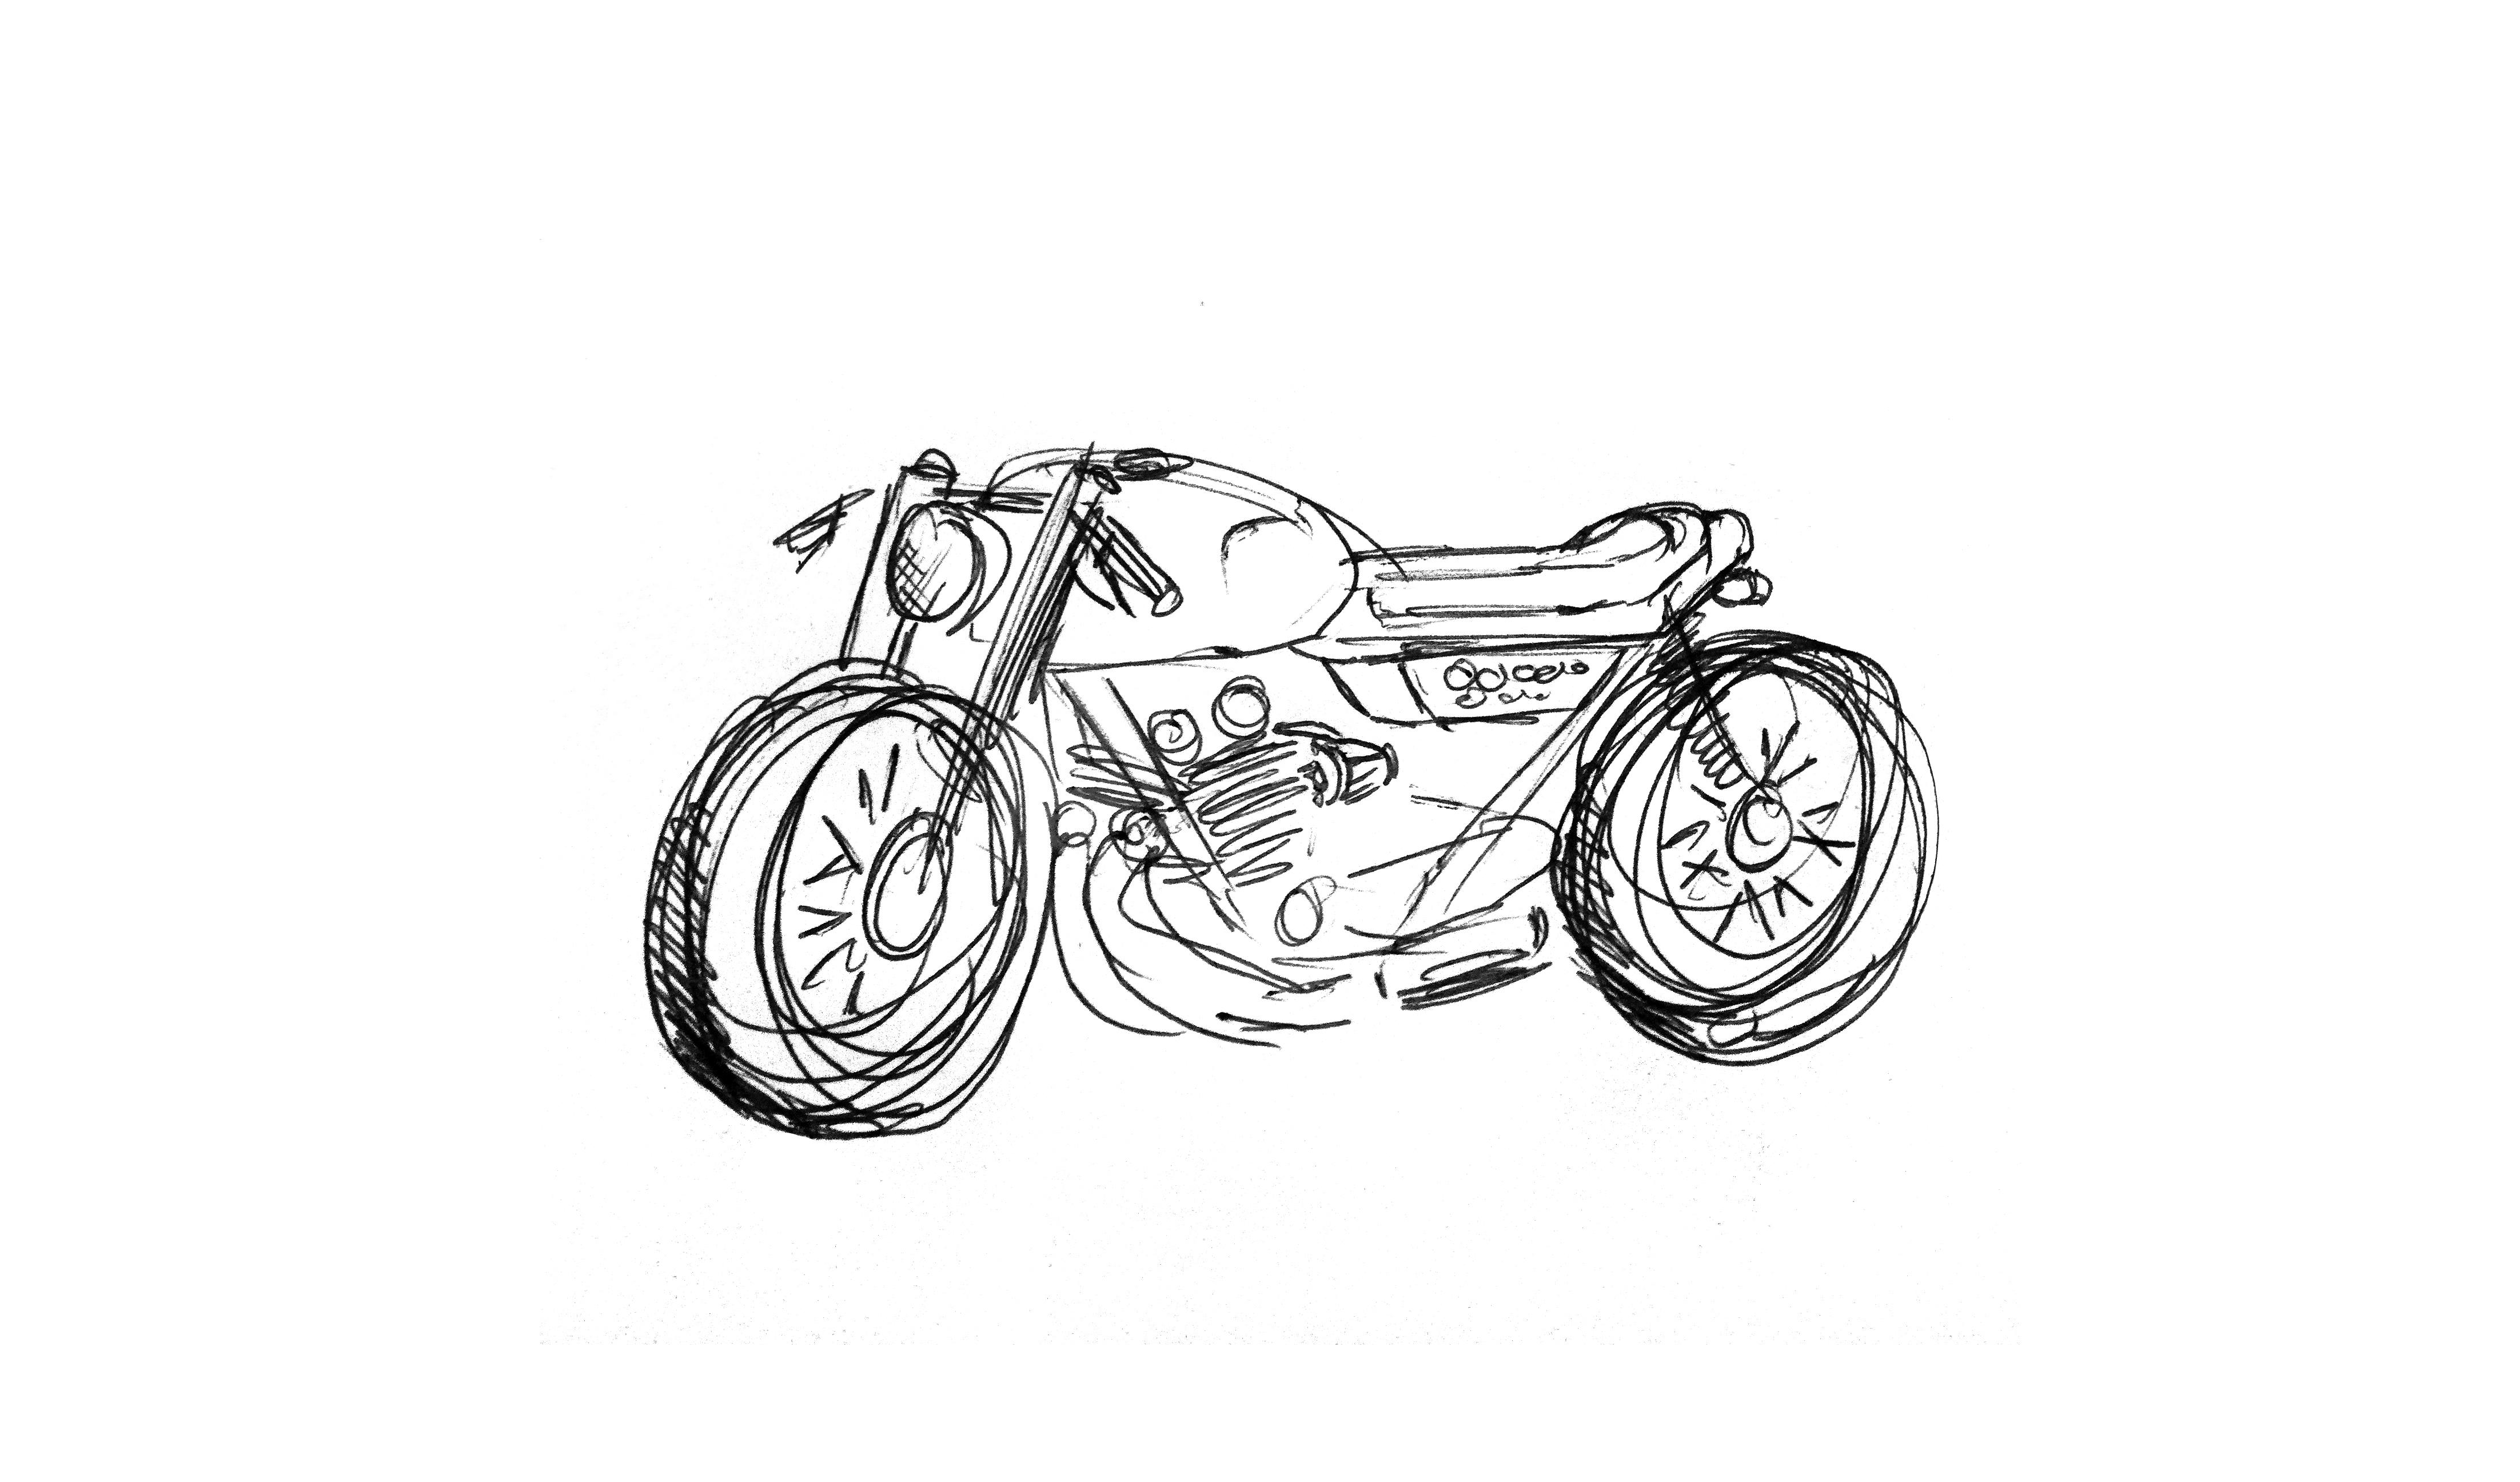 Cykel doodle